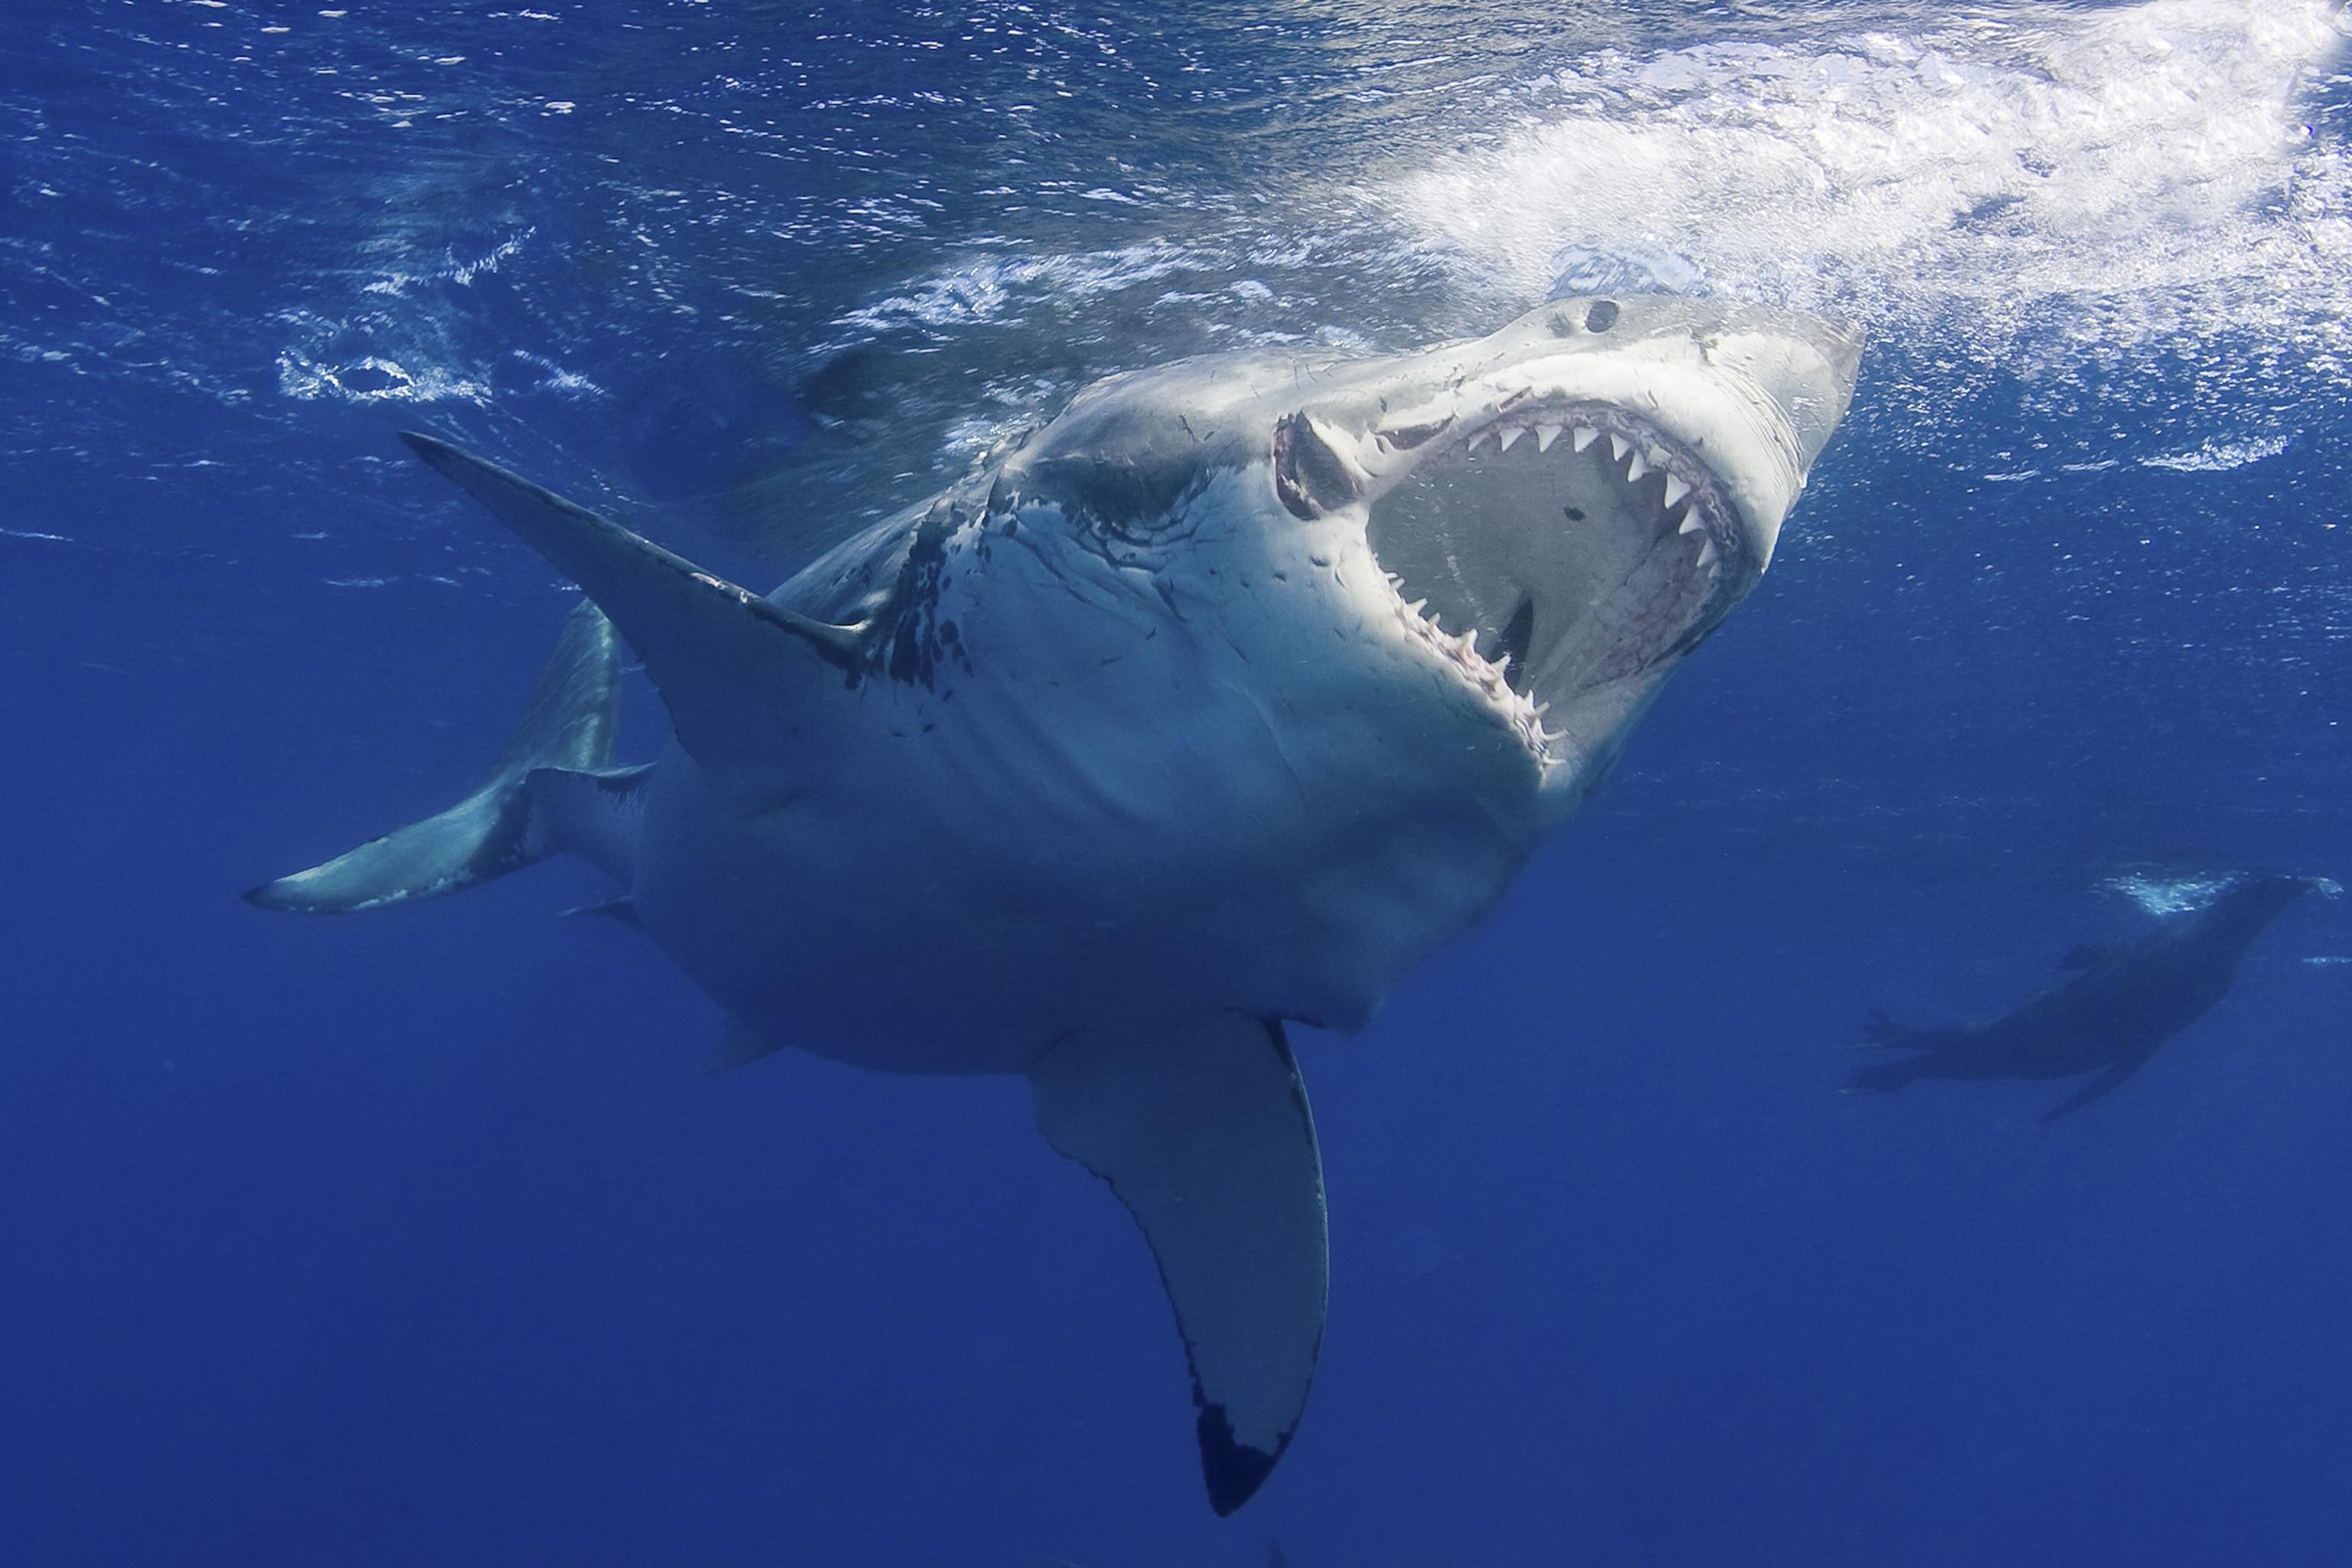 Shark razor-like teeth